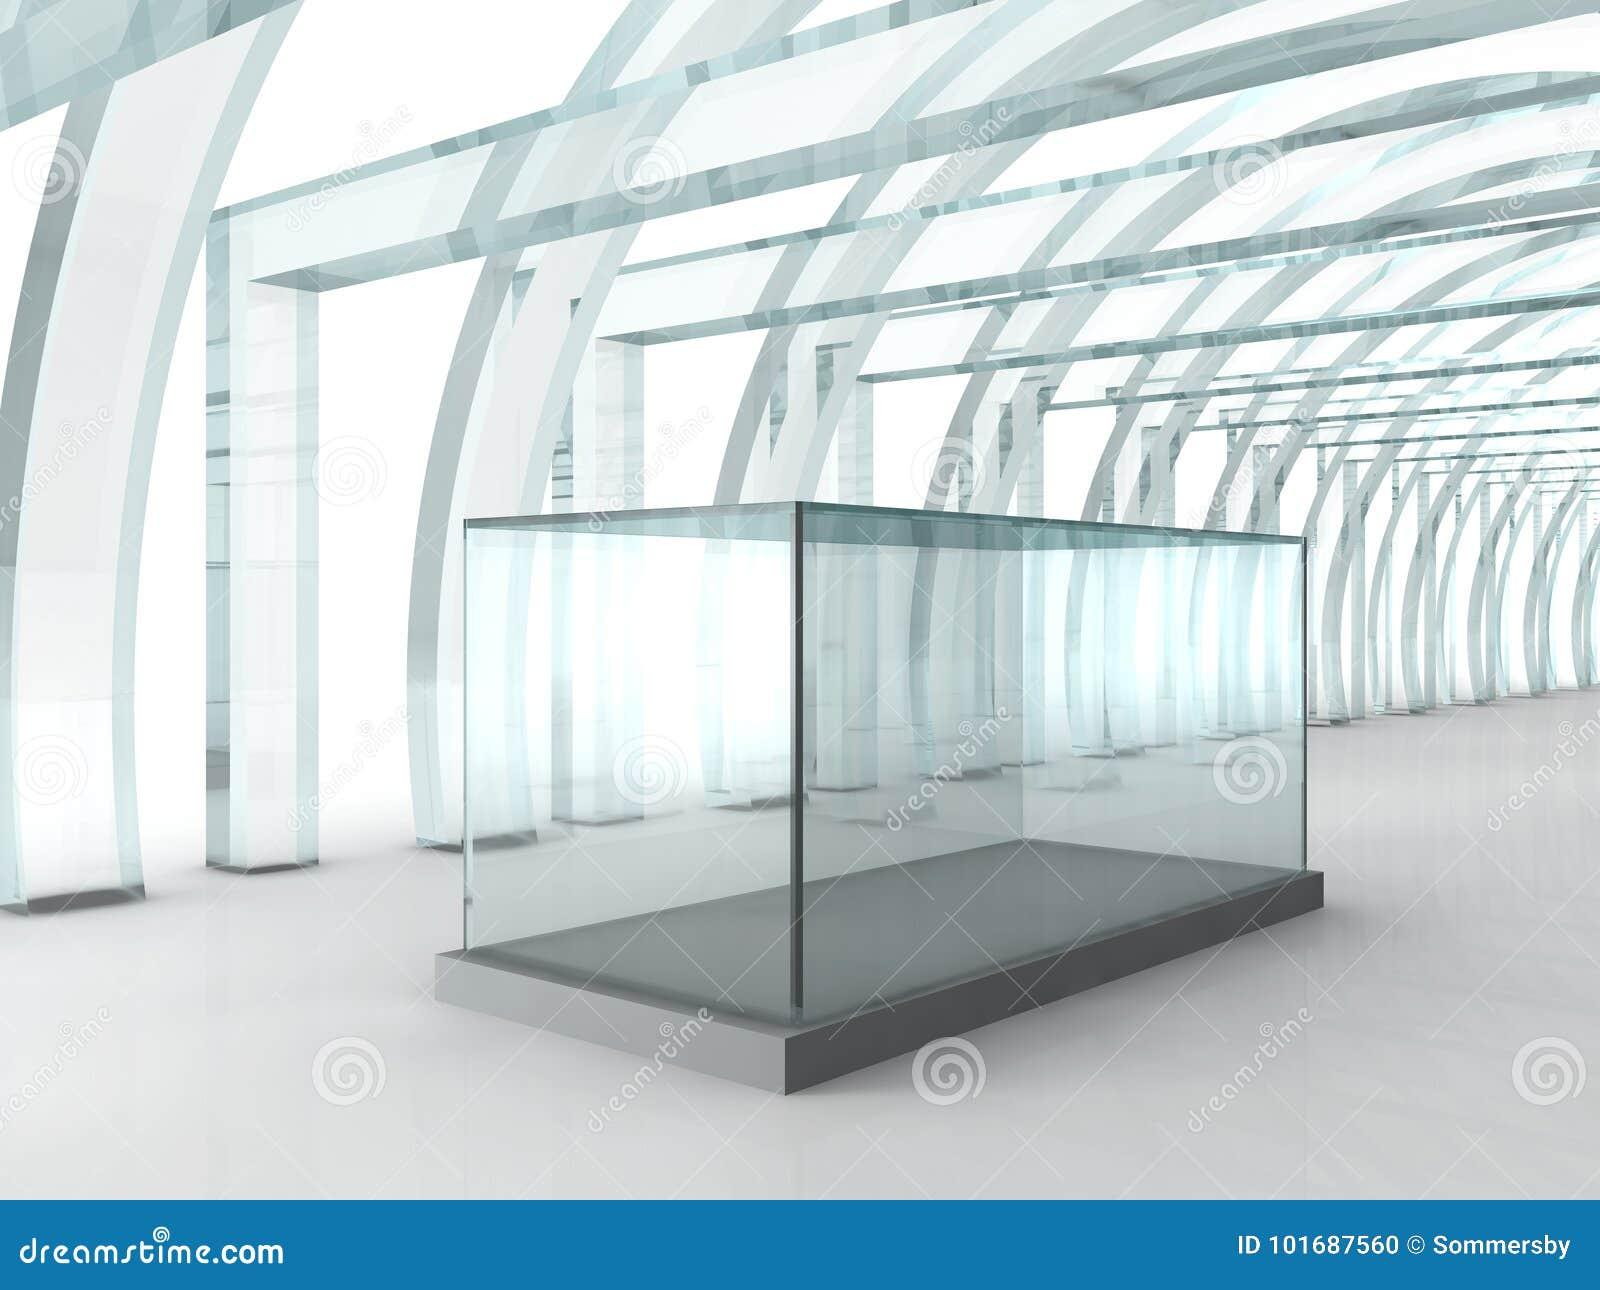 Φωτεινή διάδρομος ή σήραγγα γυαλιού με το κιβώτιο γυαλιού για την έκθεση μέσα